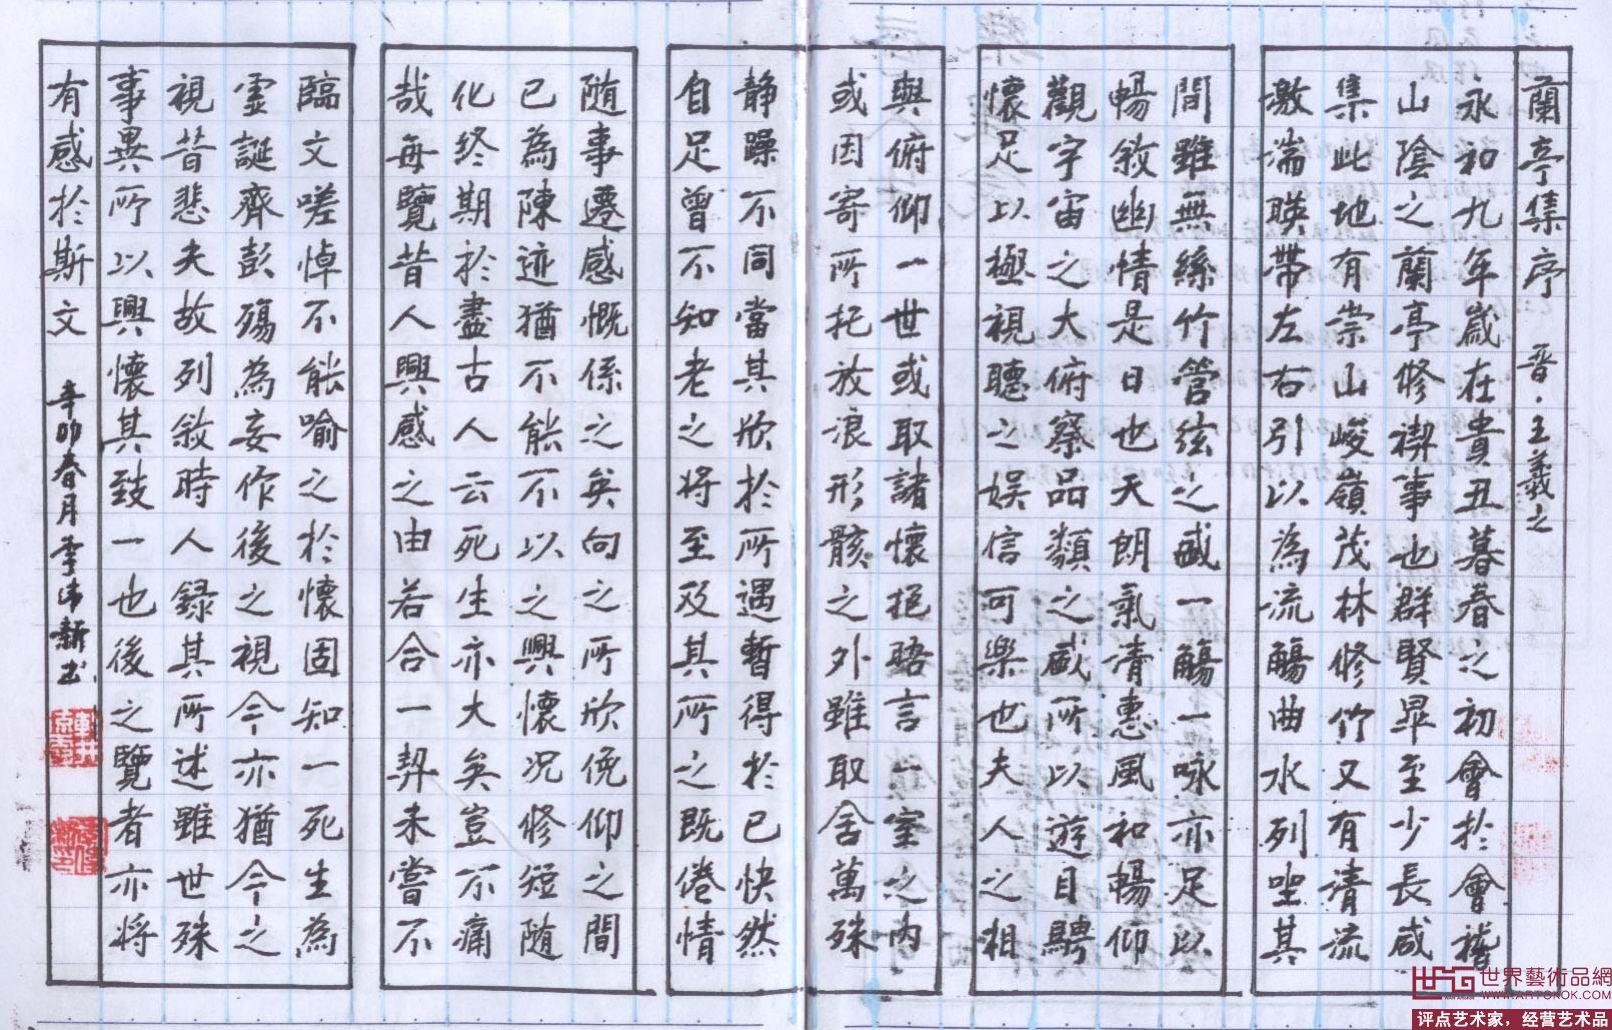 硬笔书法 楷书 兰亭集序